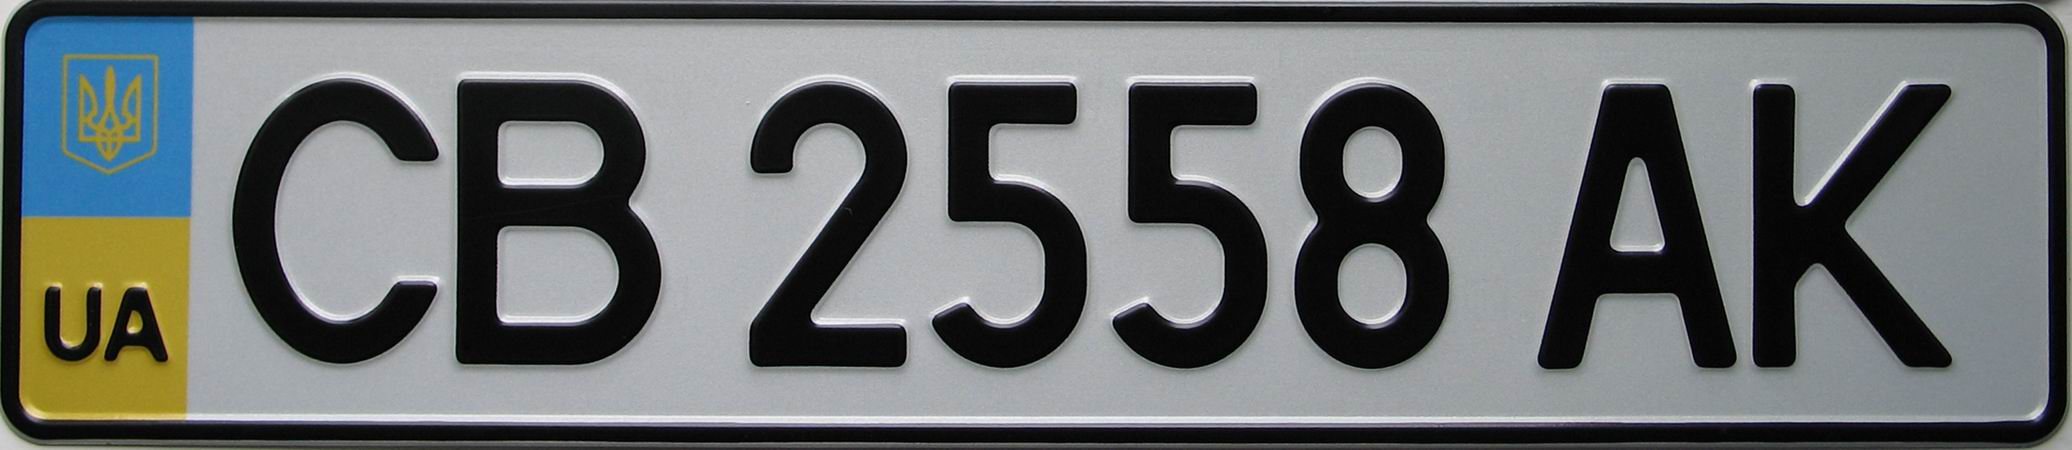 как сделать дубликат номерного знака